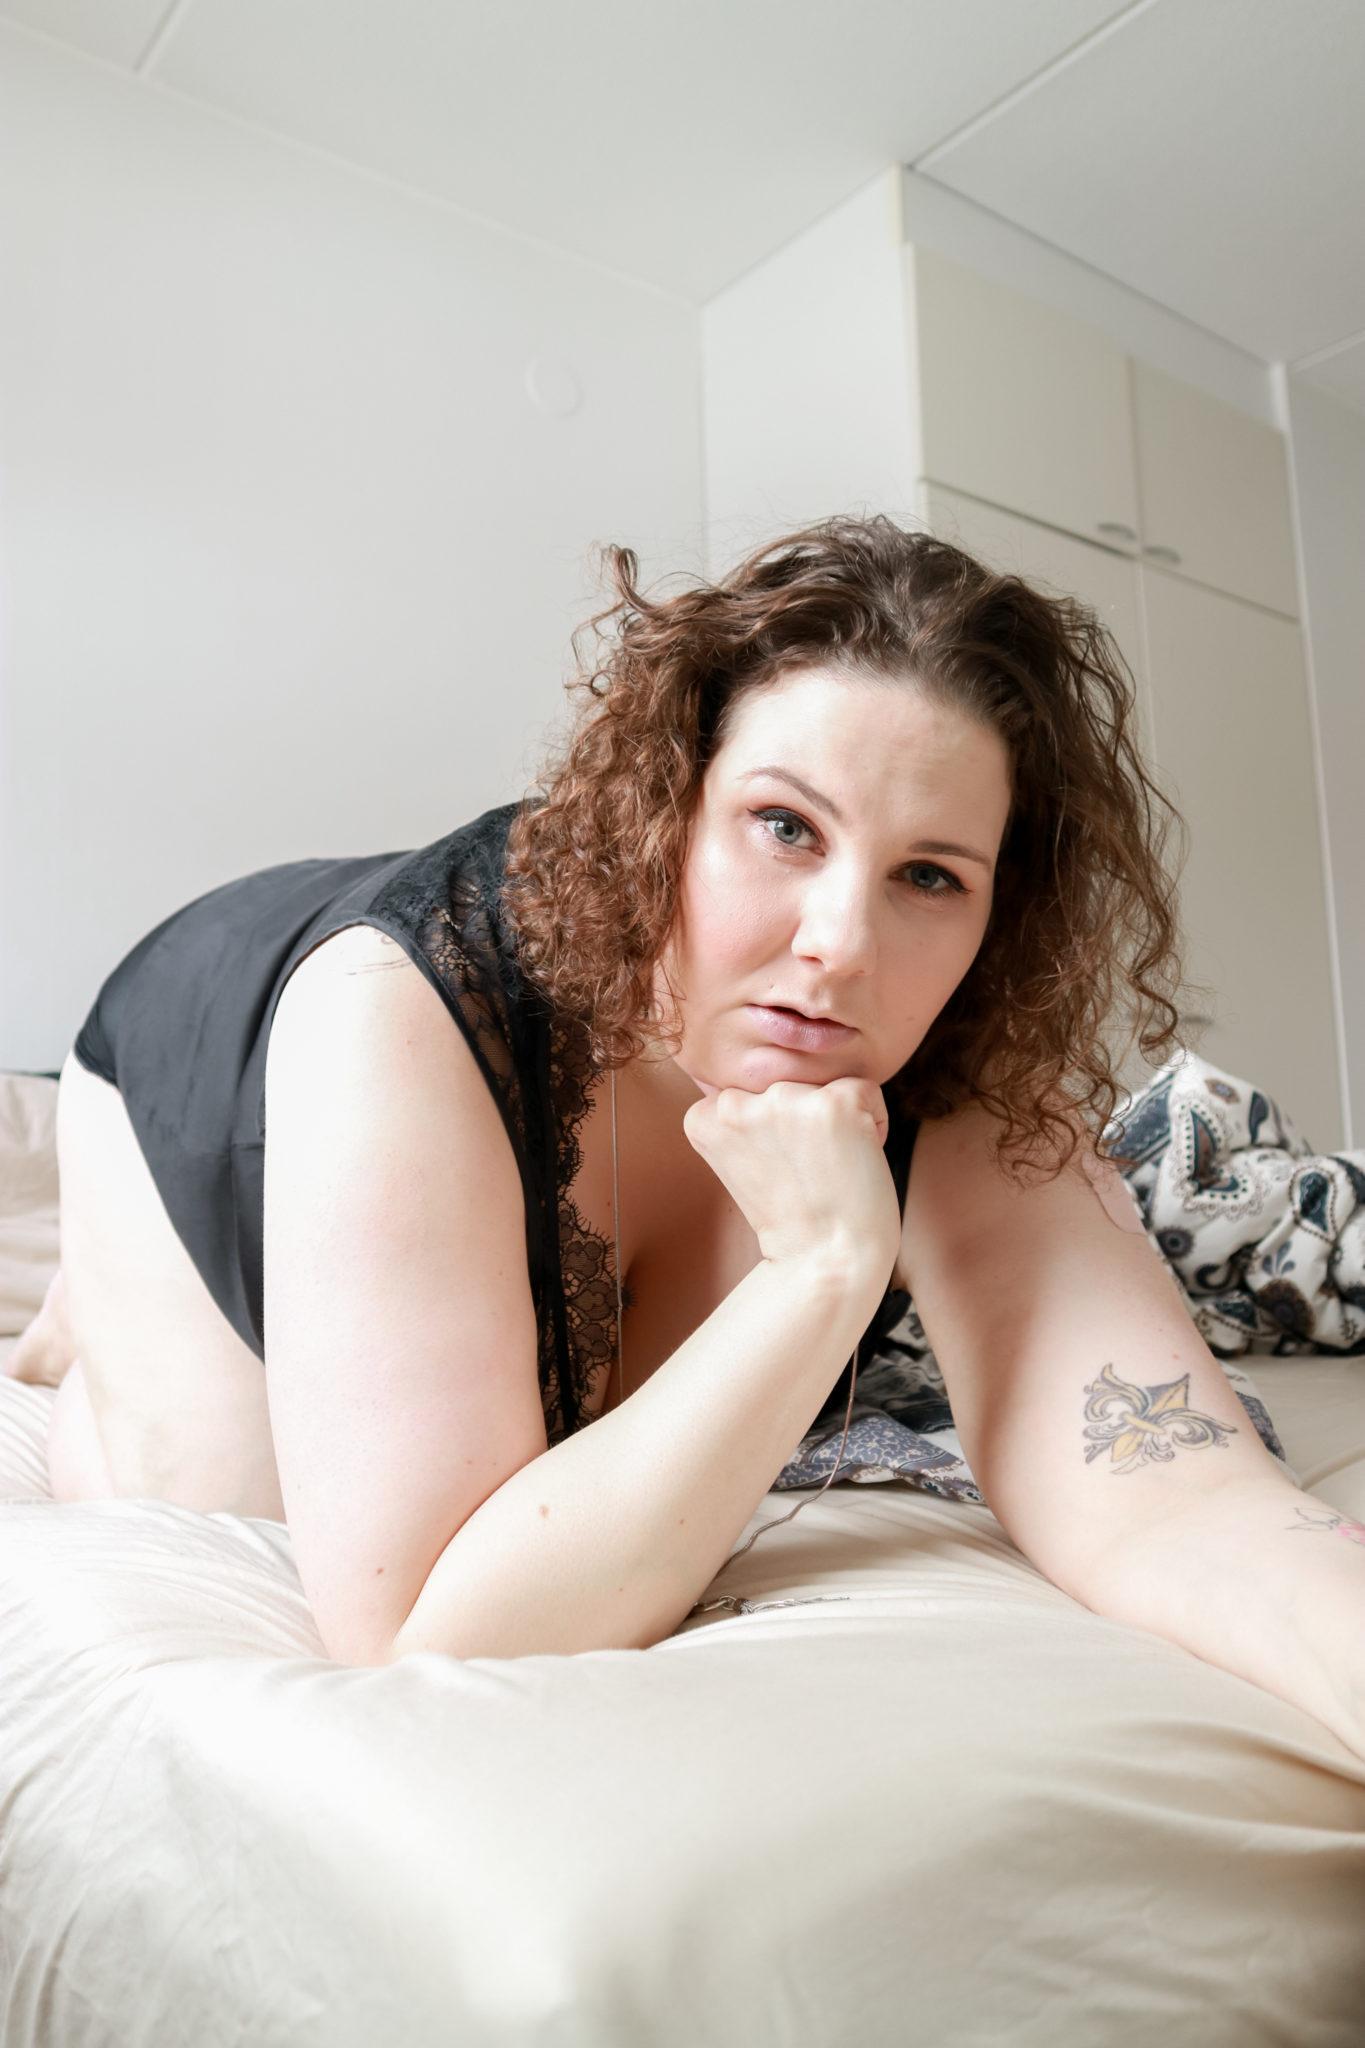 Hyvää seksiä - Big mamas home by Jenni